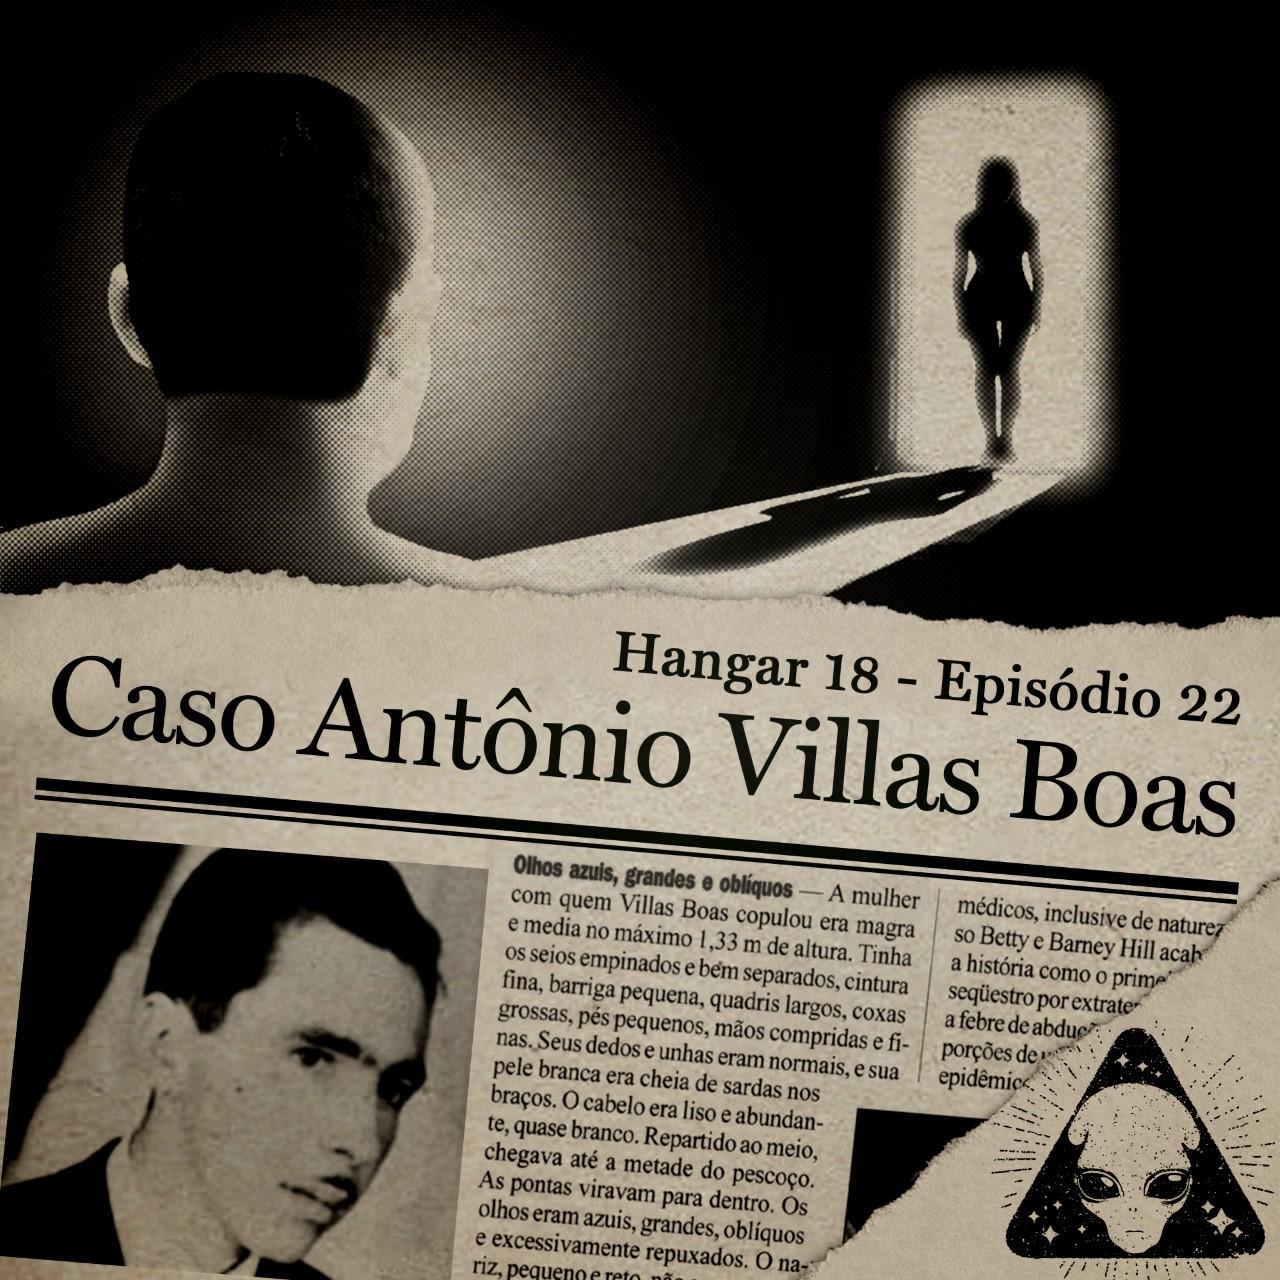 E22 Hangar 18 - Ep 022 - Caso Antônio Villas Boas